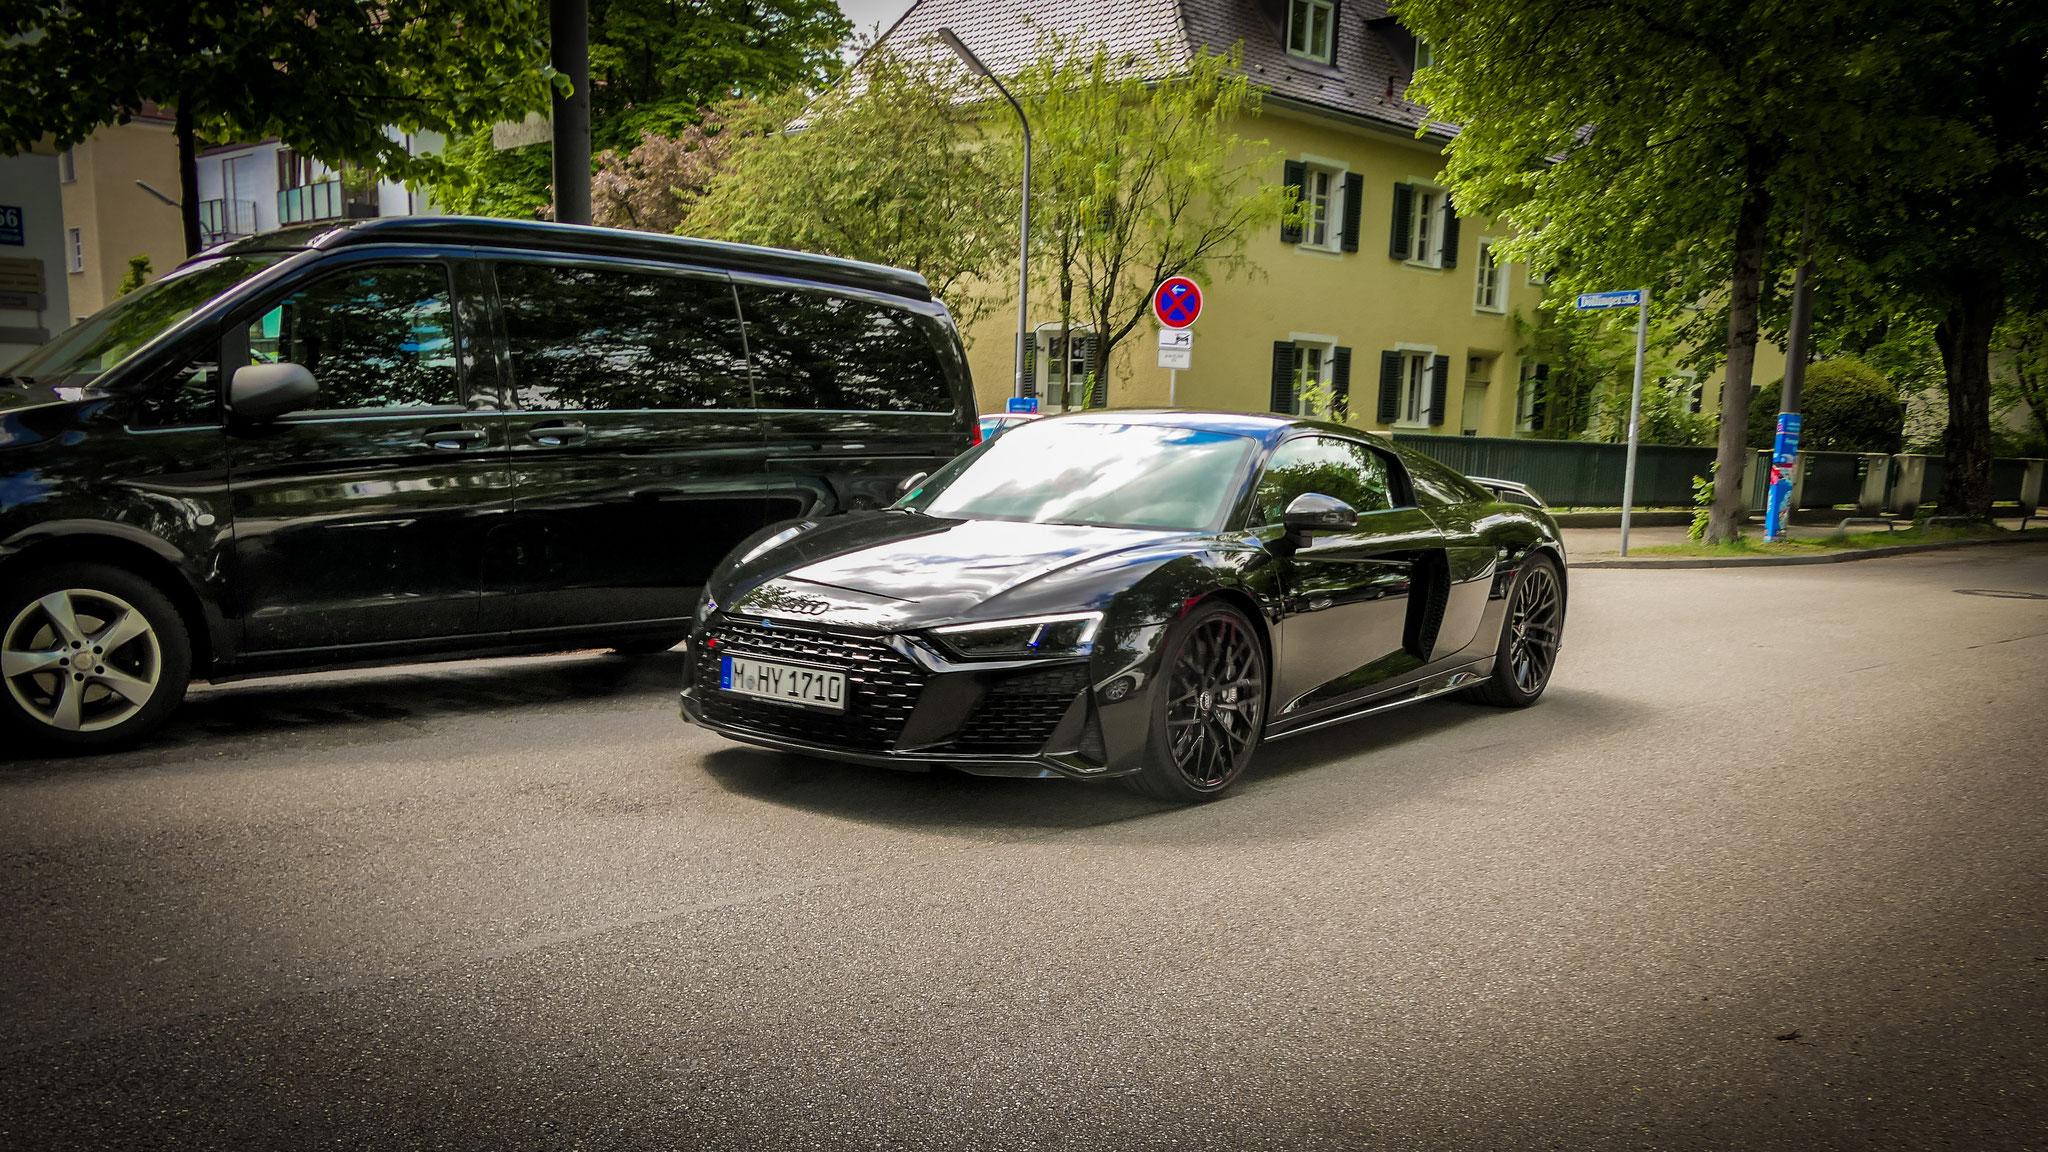 Audi R8 V10 Spyder - M-HY-1710